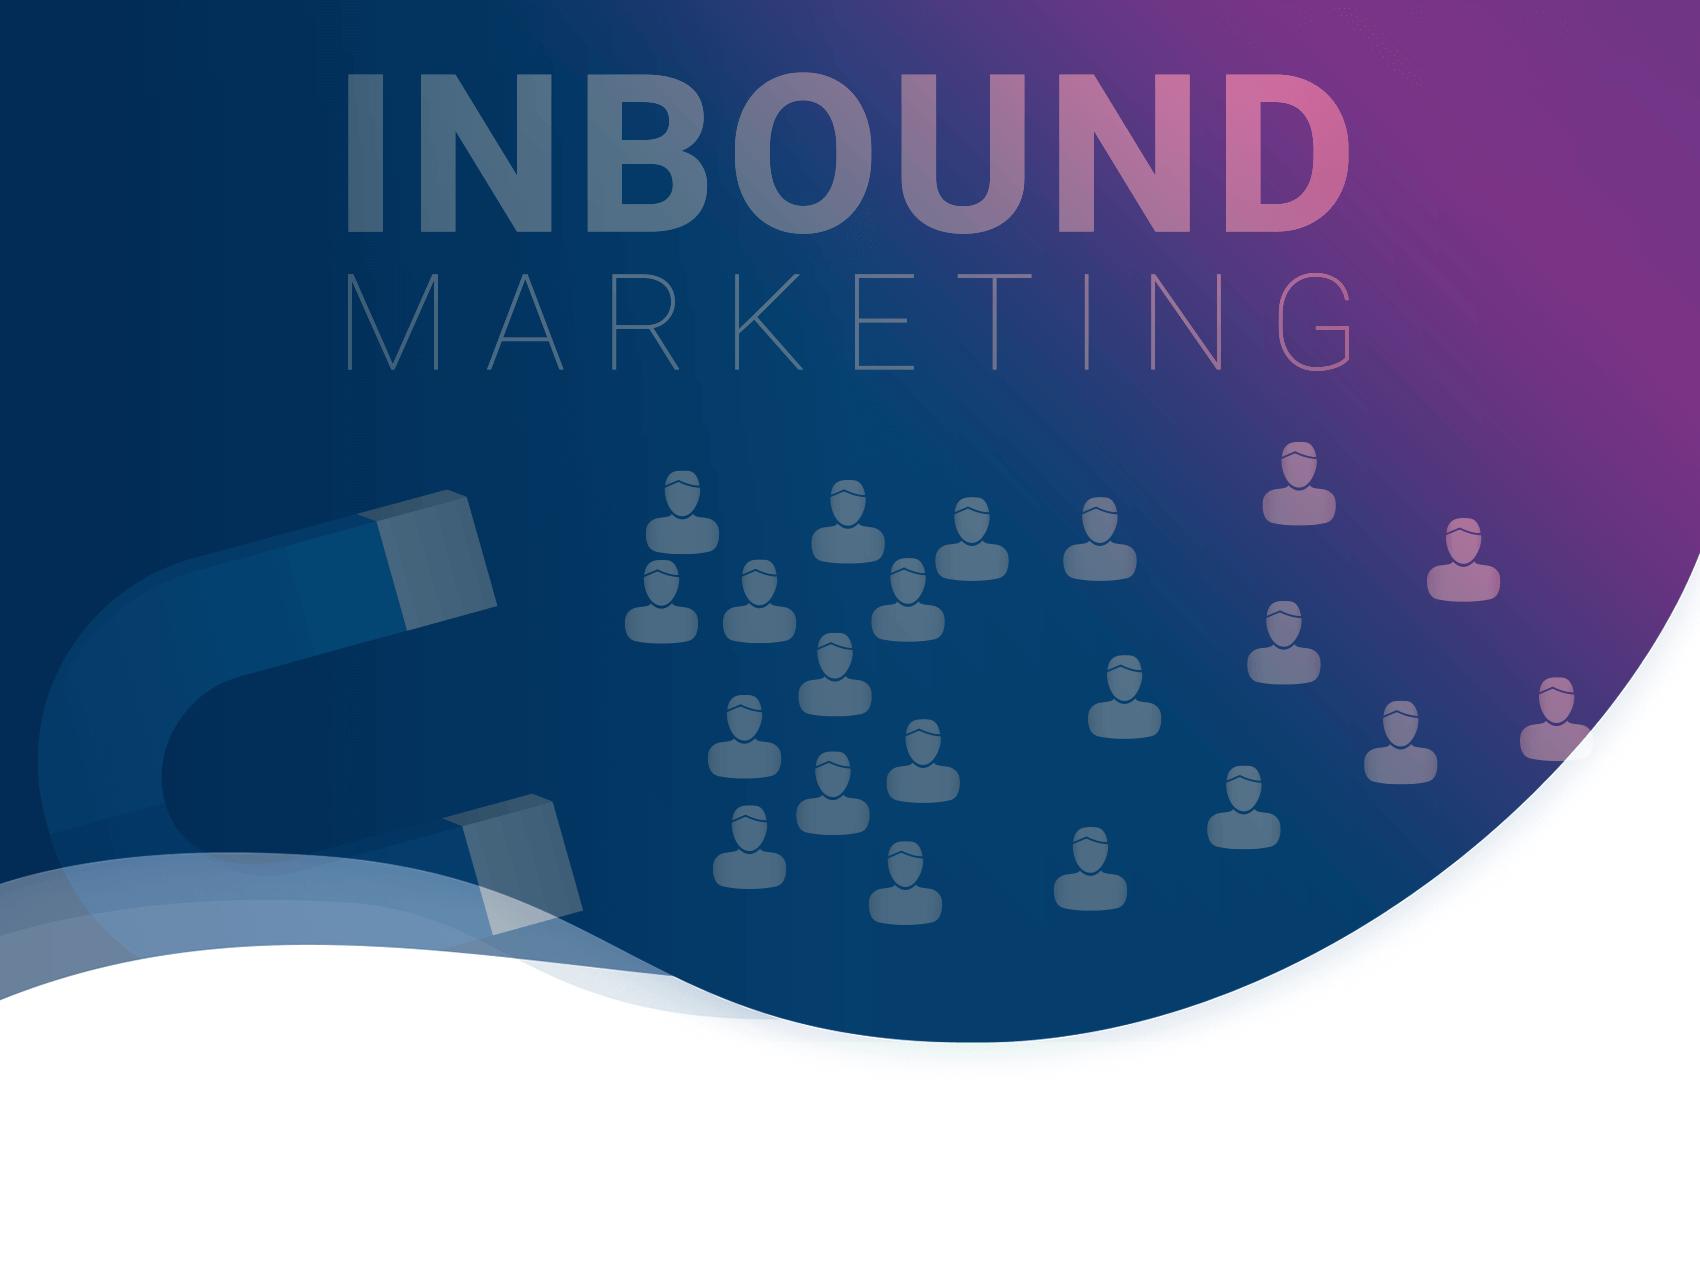 Tout comprendre de la stratégie d'inbound marketing: définition, avantages et bonnes pratiques